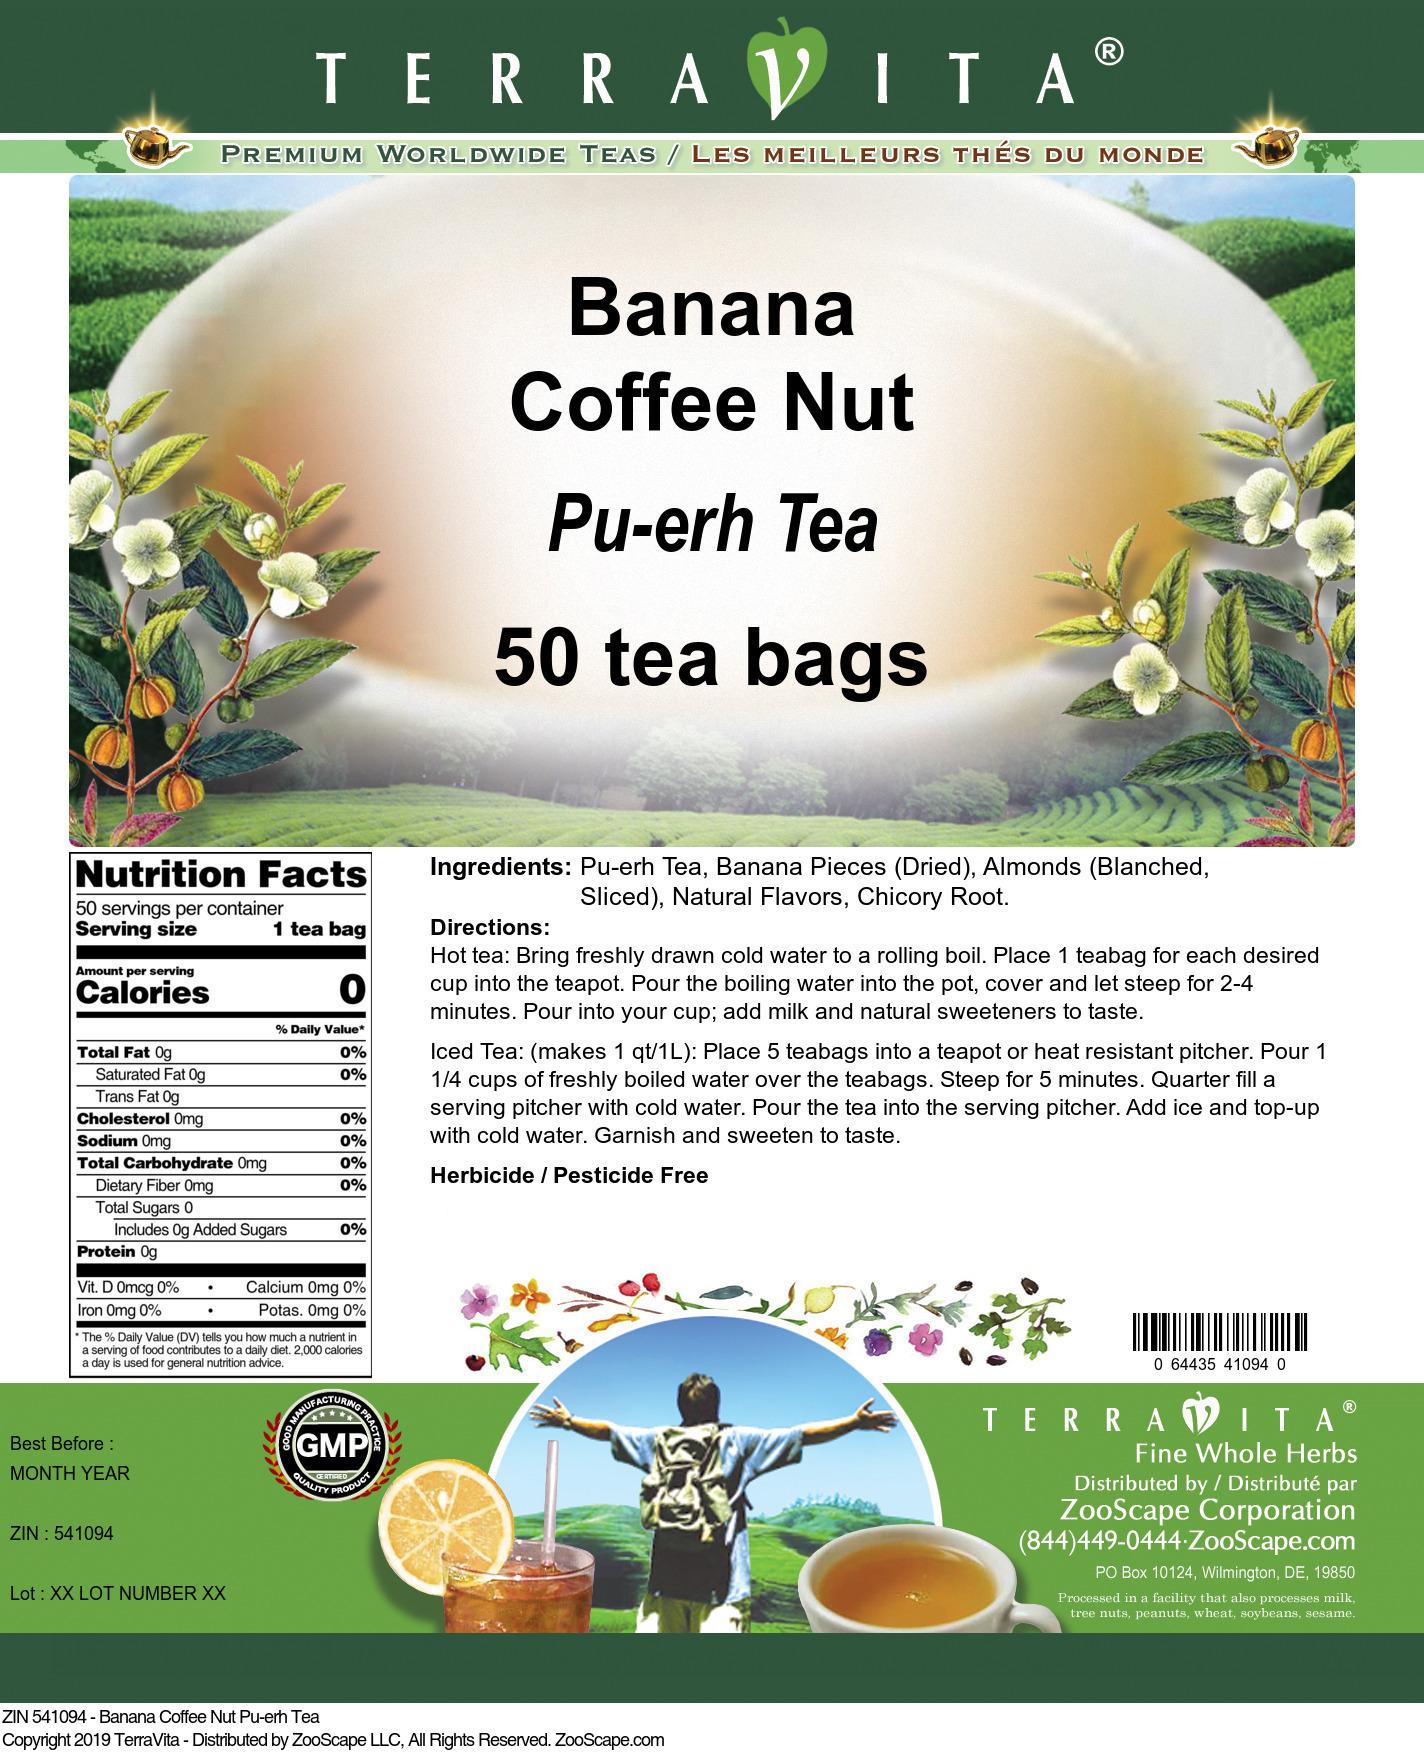 Banana Coffee Nut Pu-erh Tea